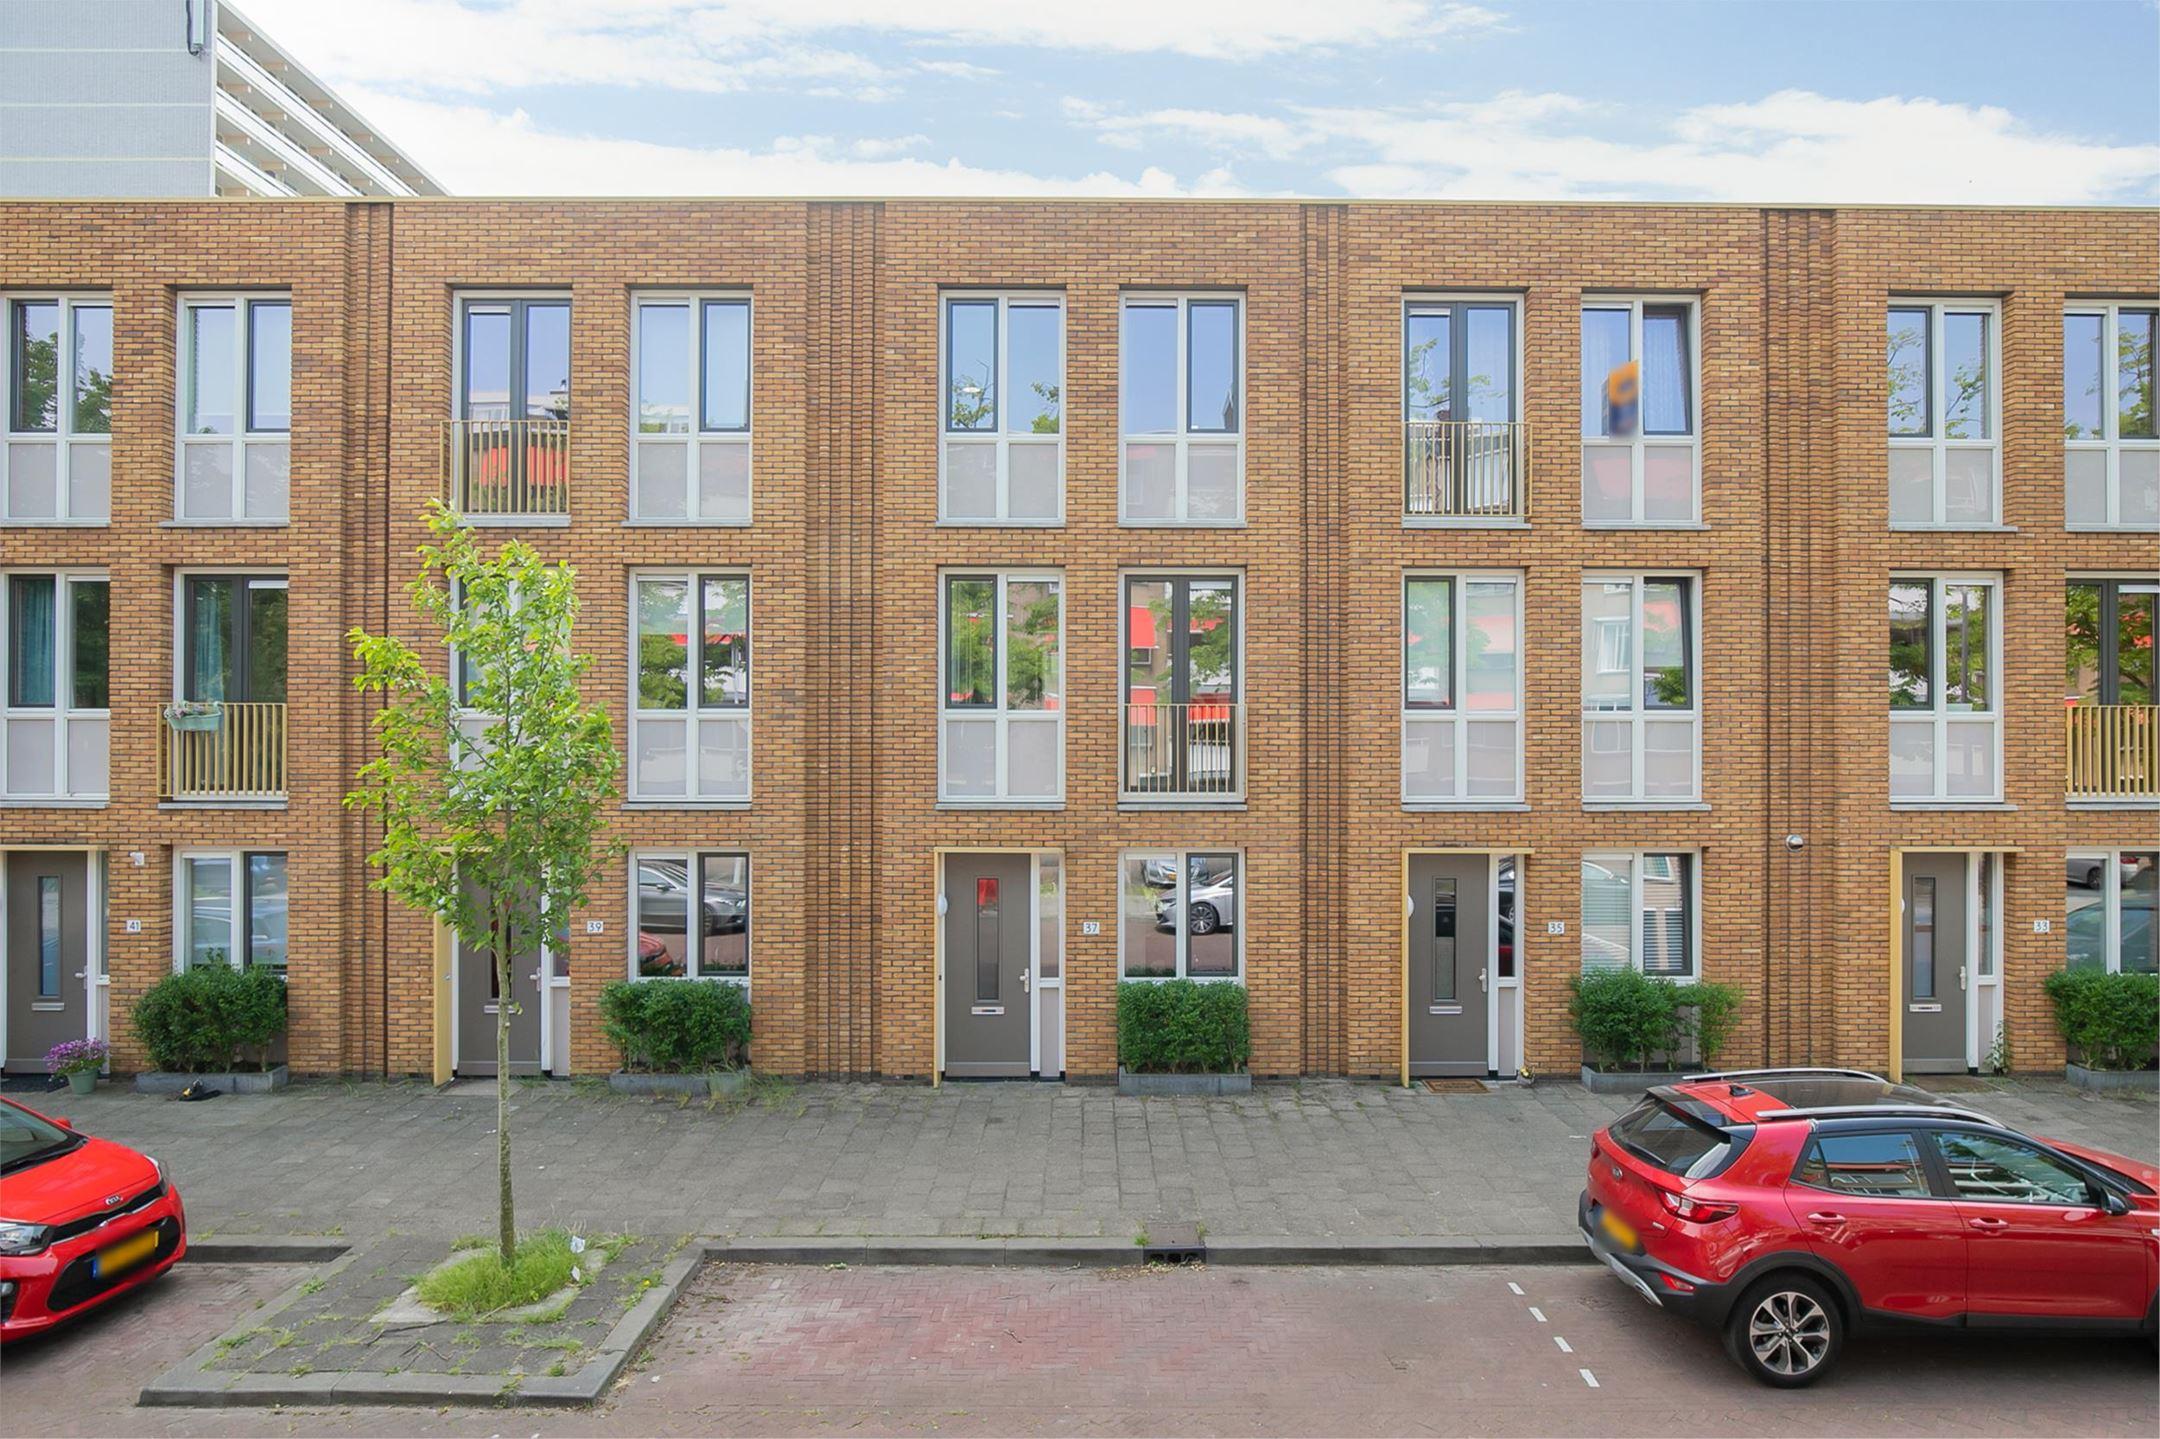 Zeer ruime 3-laags woning van 129 m2 mét tuin op het zuidwesten is gelegen in de groene en rustige wijk Mariahoeve in Den Haag.